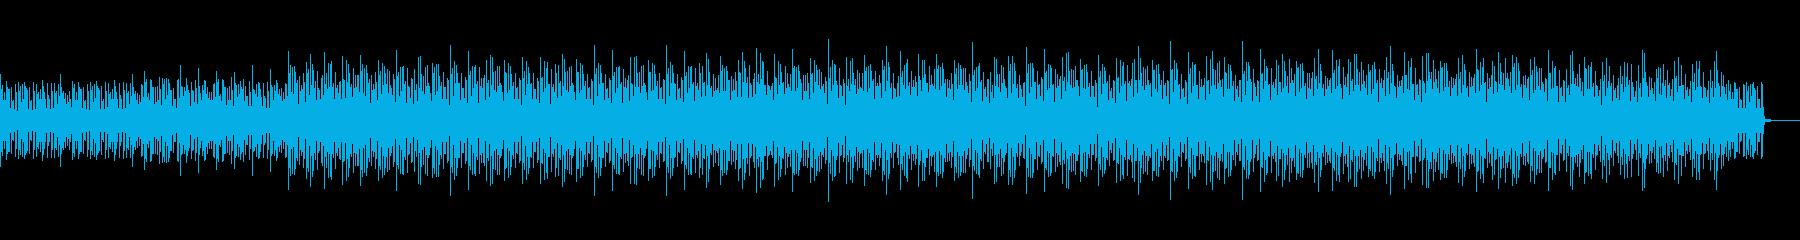 ピアノとグロッケンのコミカルで可愛い劇伴の再生済みの波形